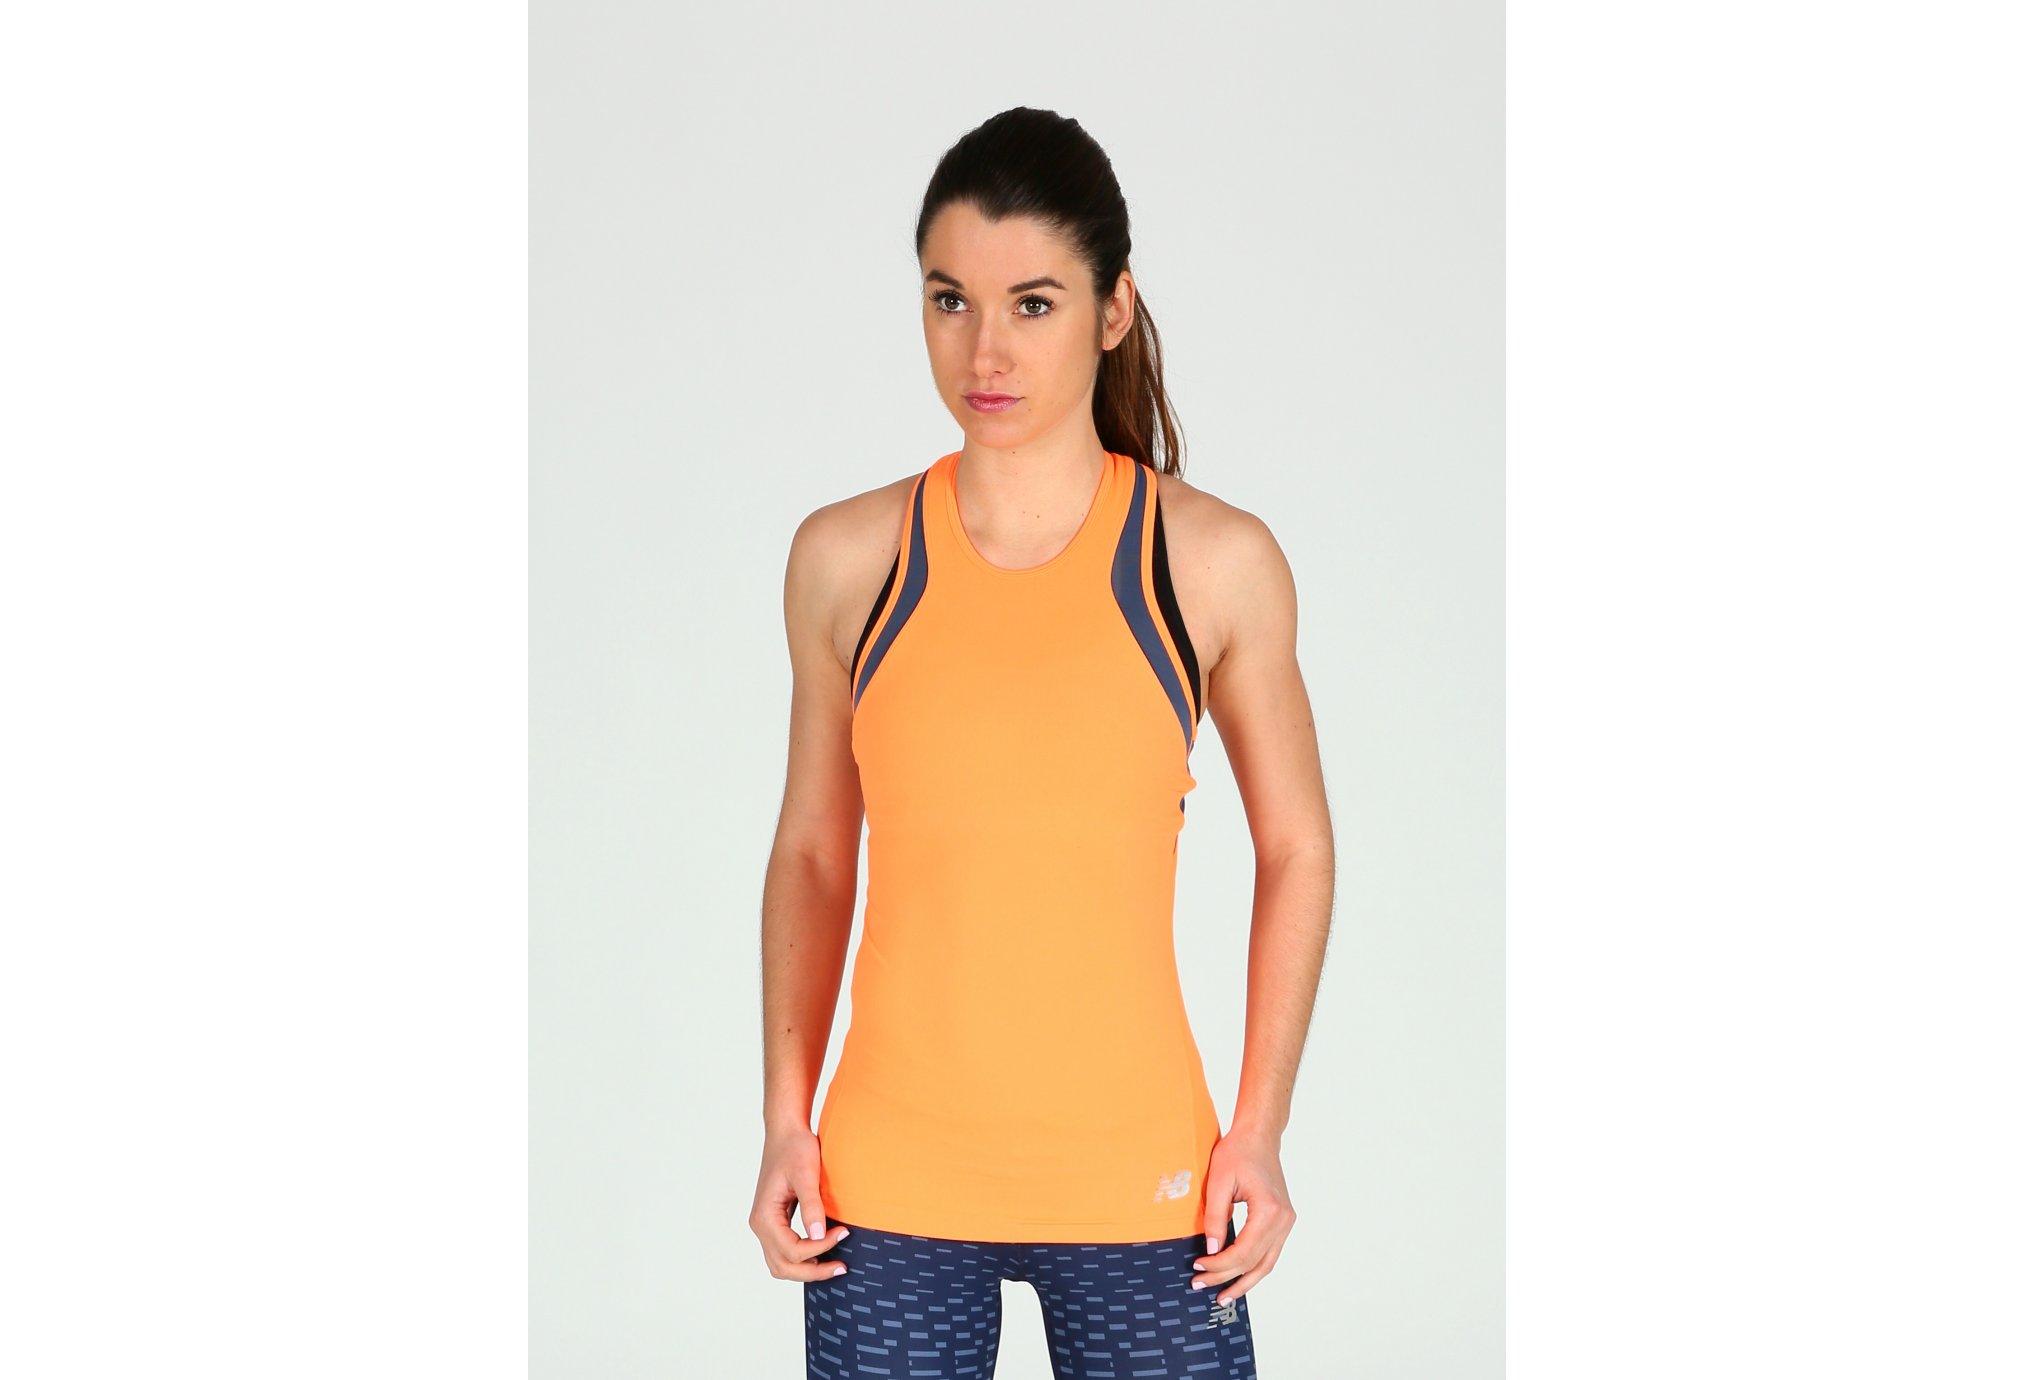 taille 40 0f83a 64a04 Resathlon - New Balance Anticipate W vêtement running femme